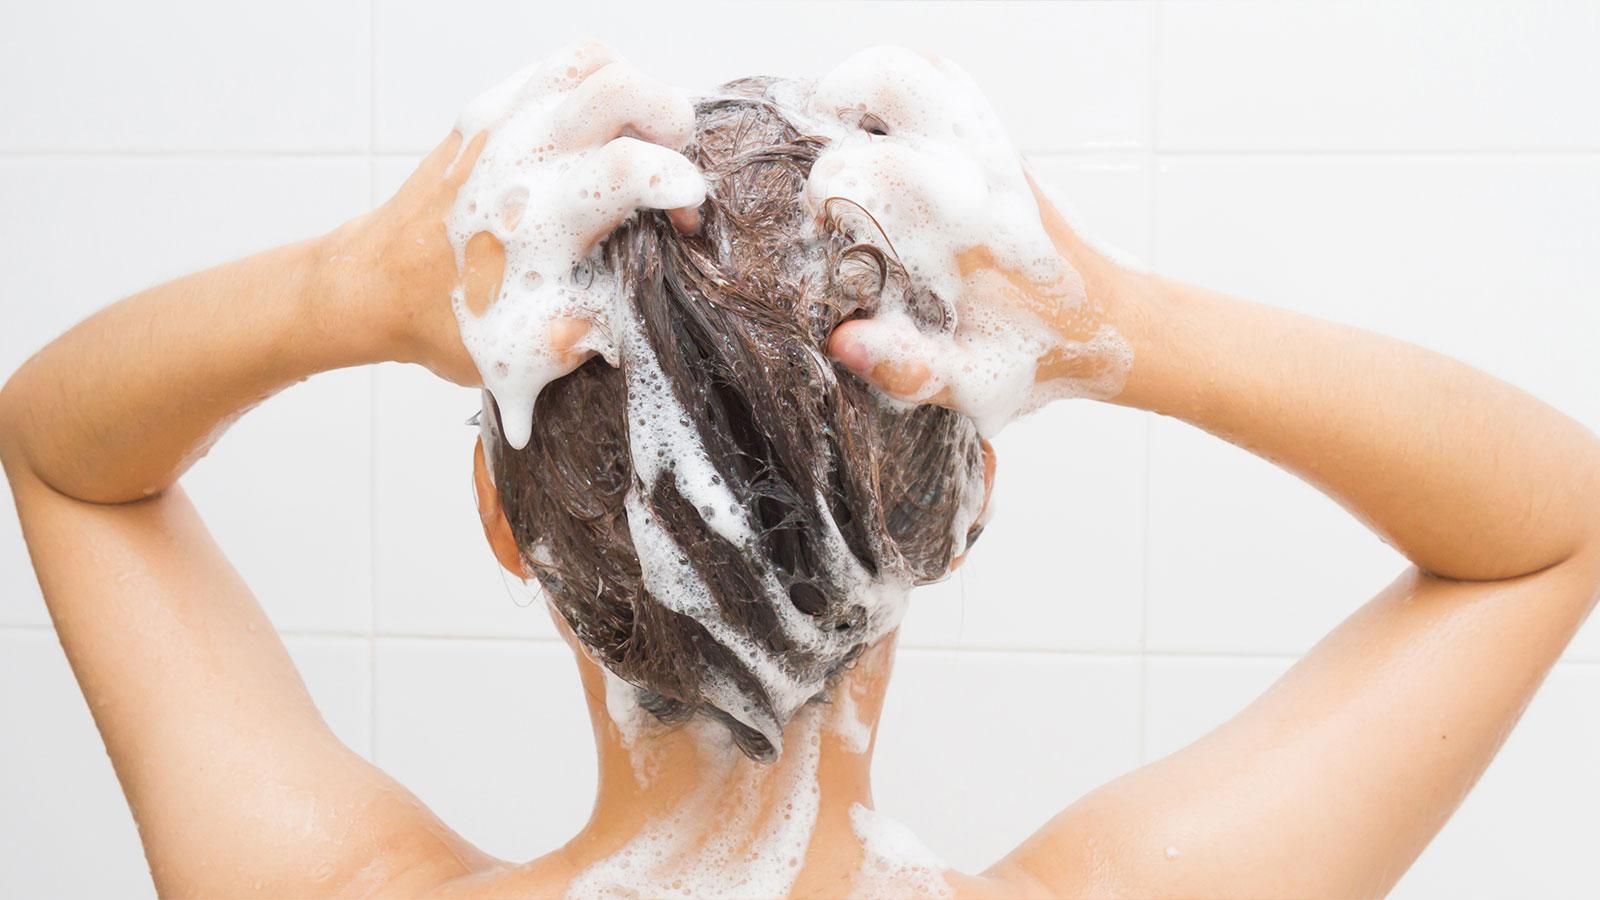 【肌ケア連載】専門家に聞く。シャンプーを選ぶ際のポイントとおすすめの洗い方【第十回】